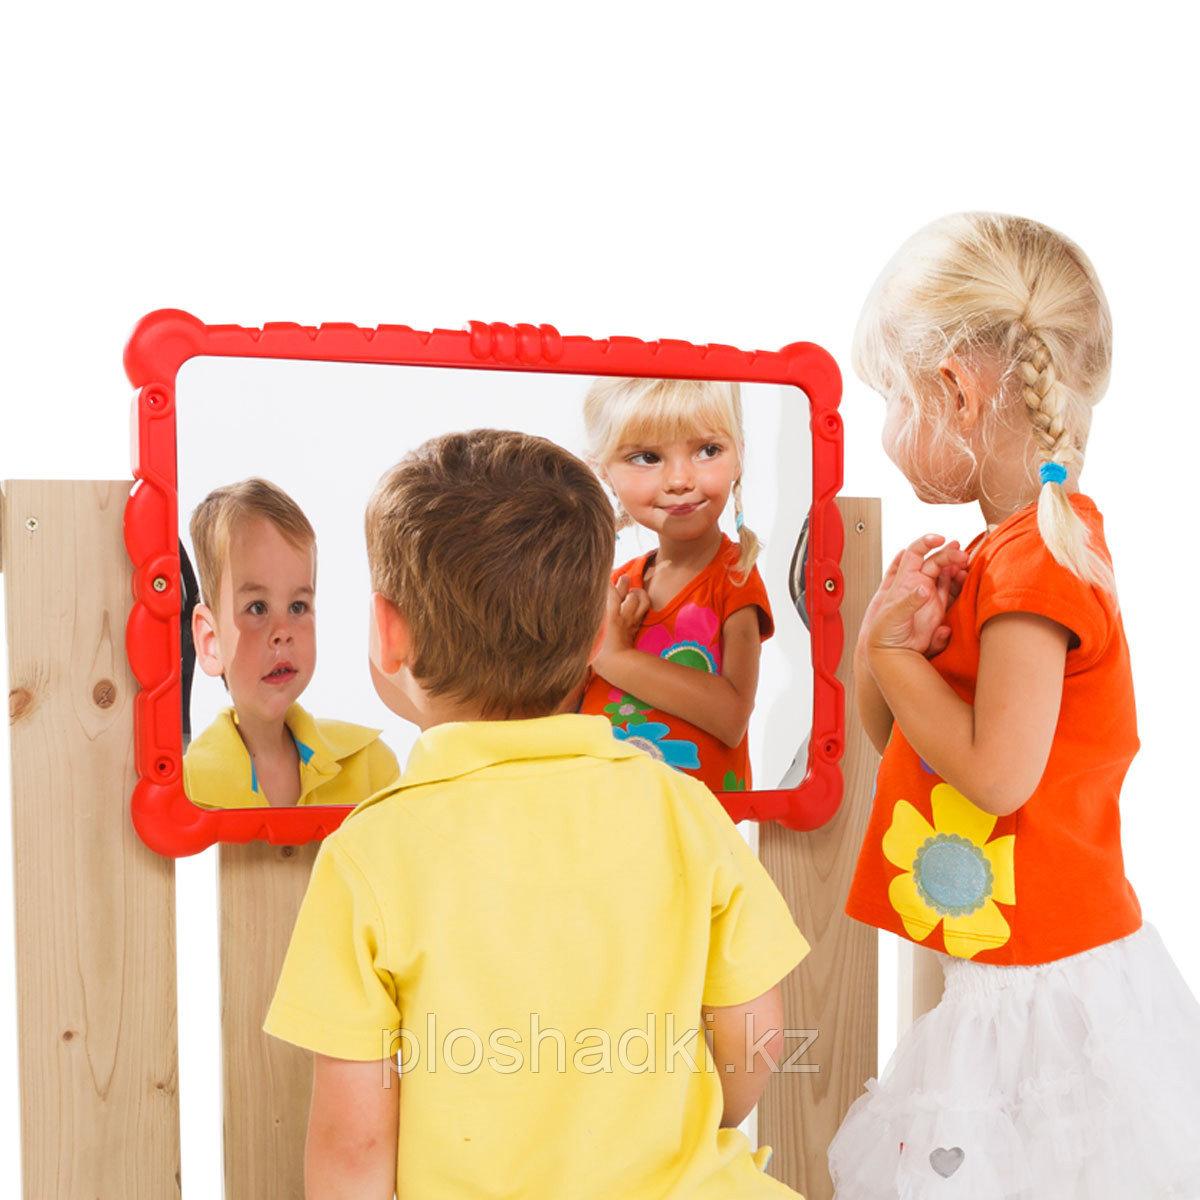 Кривое зеркало - детский игровой набор